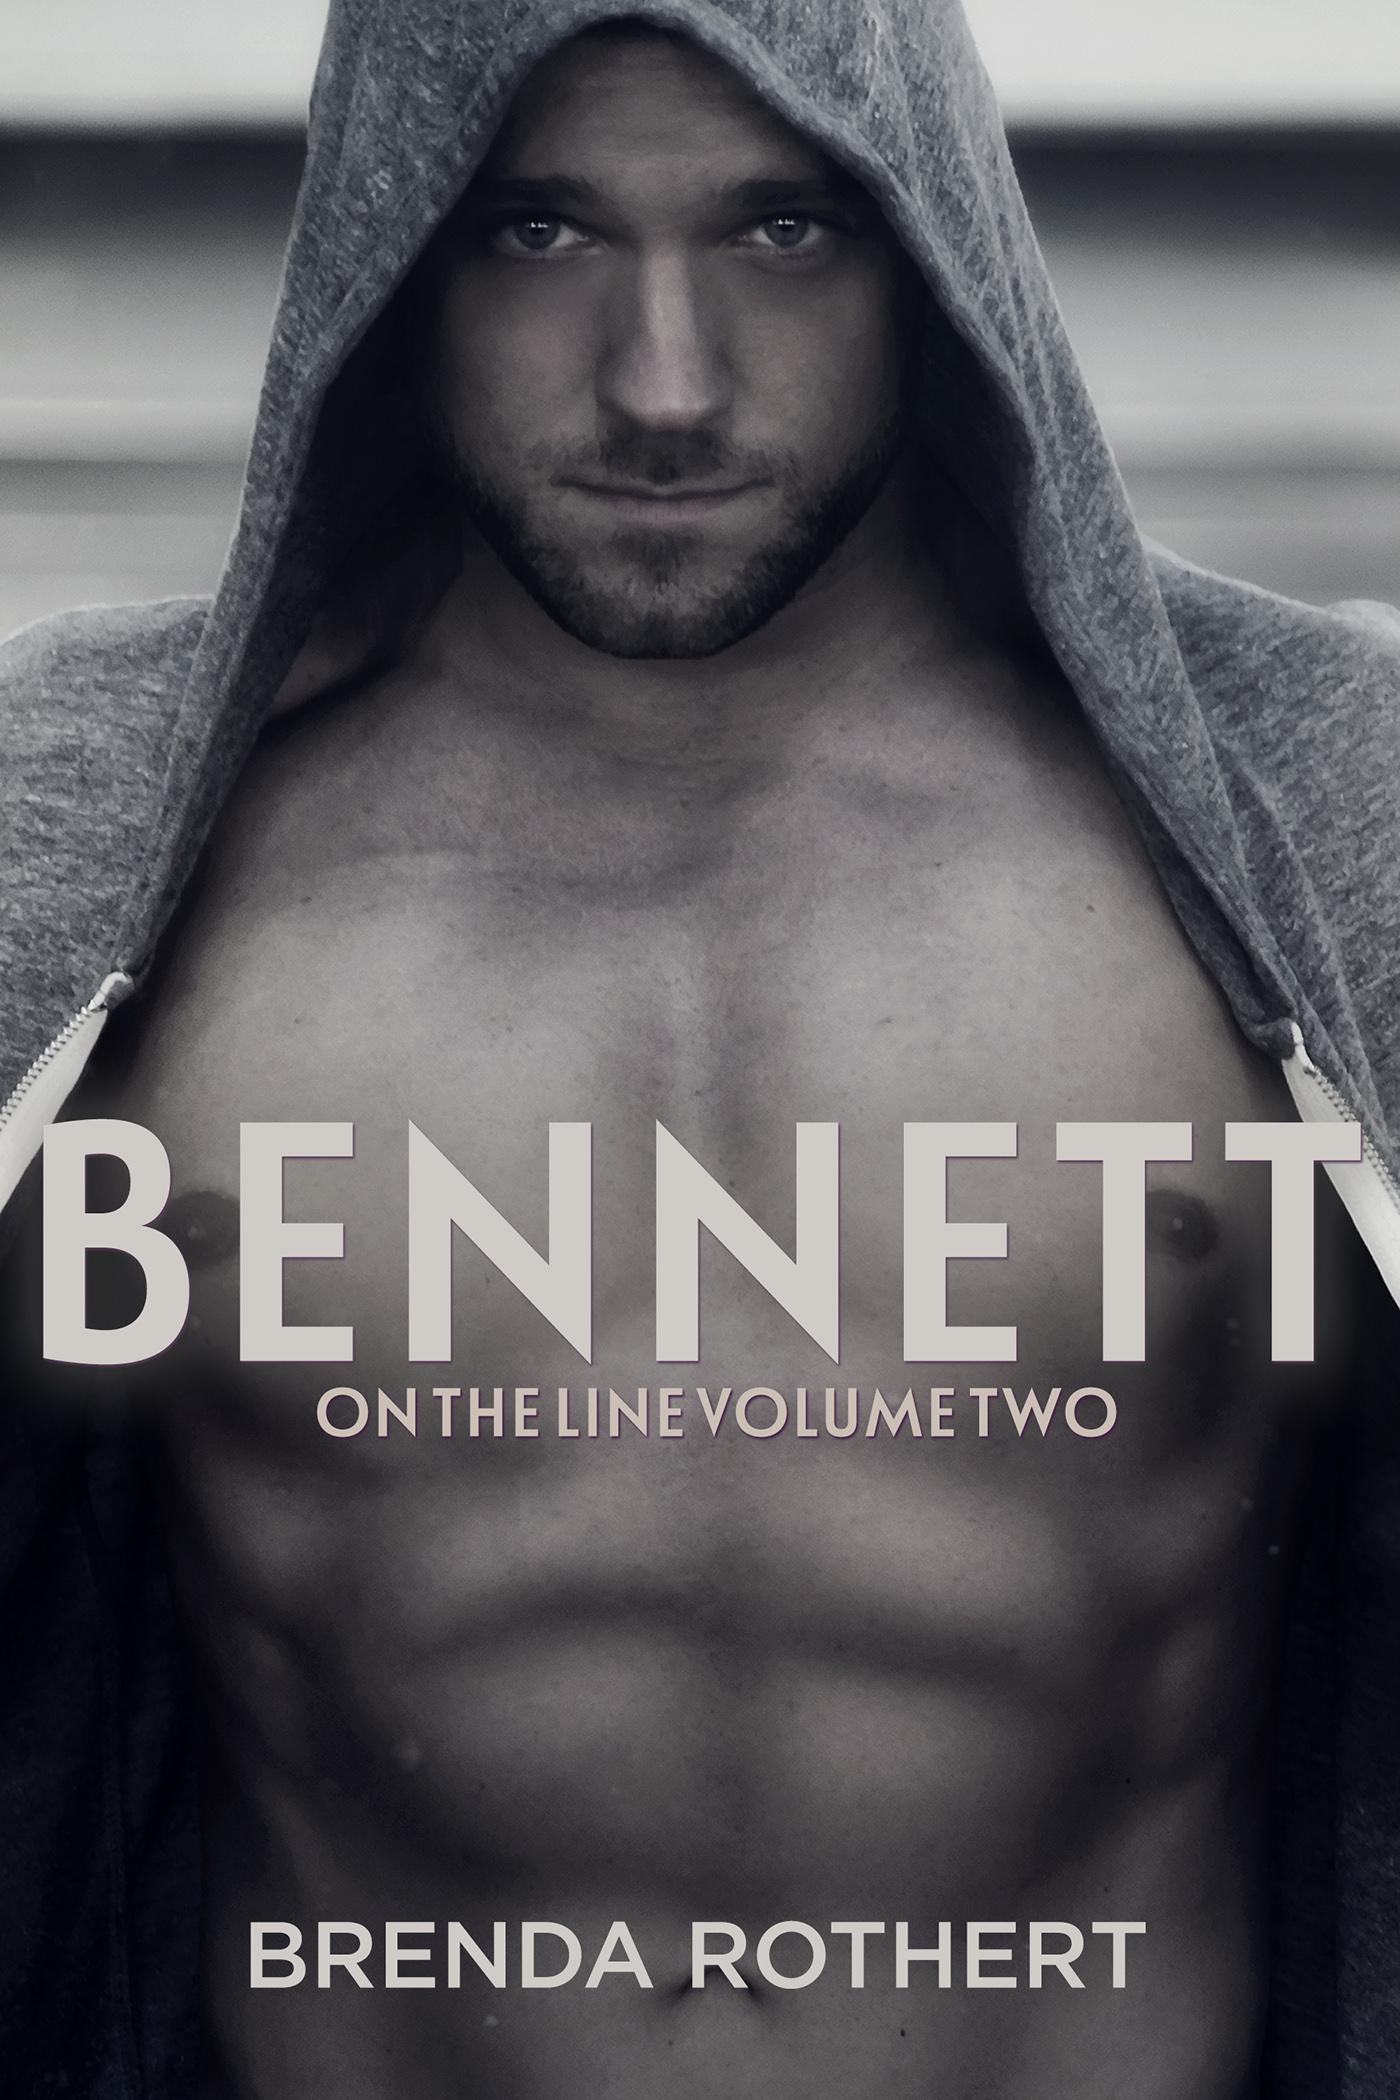 Bennett_CVR_MED